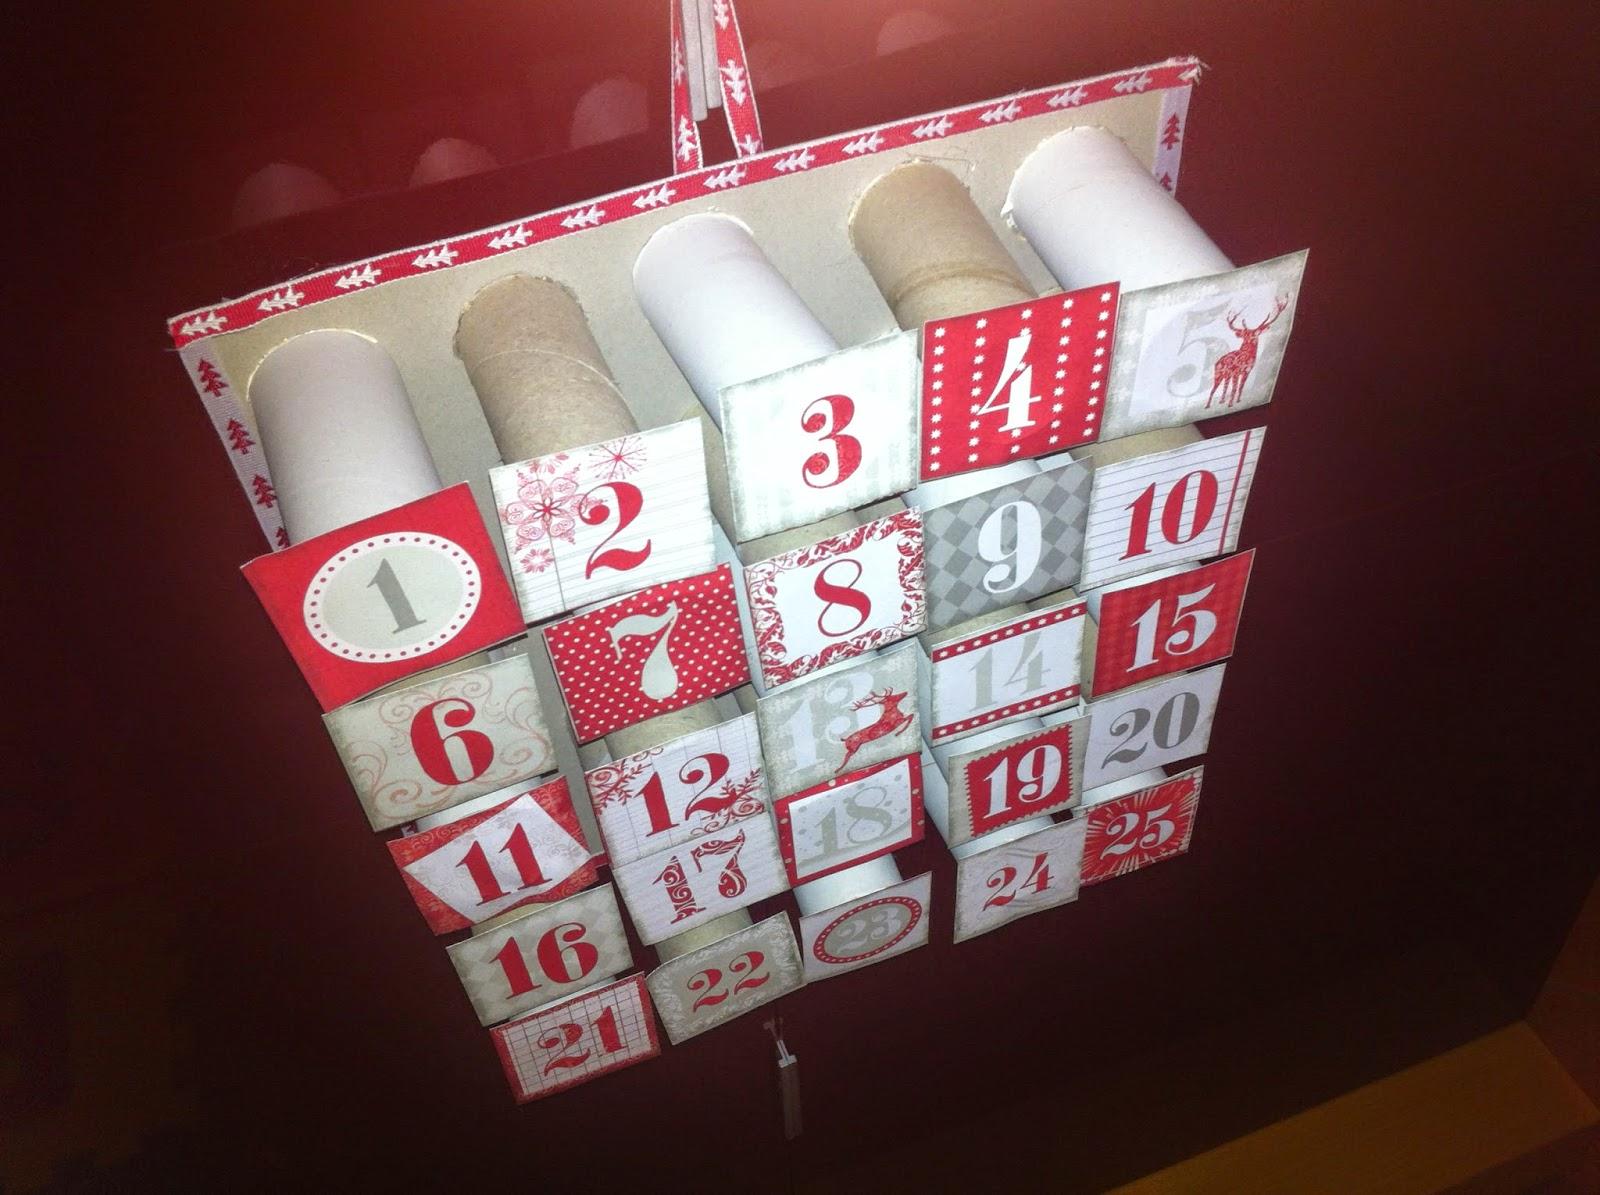 Calendario Avvento Con Rotoli Carta Igienica.Gocce Di Agata Calendario Dell Avvento